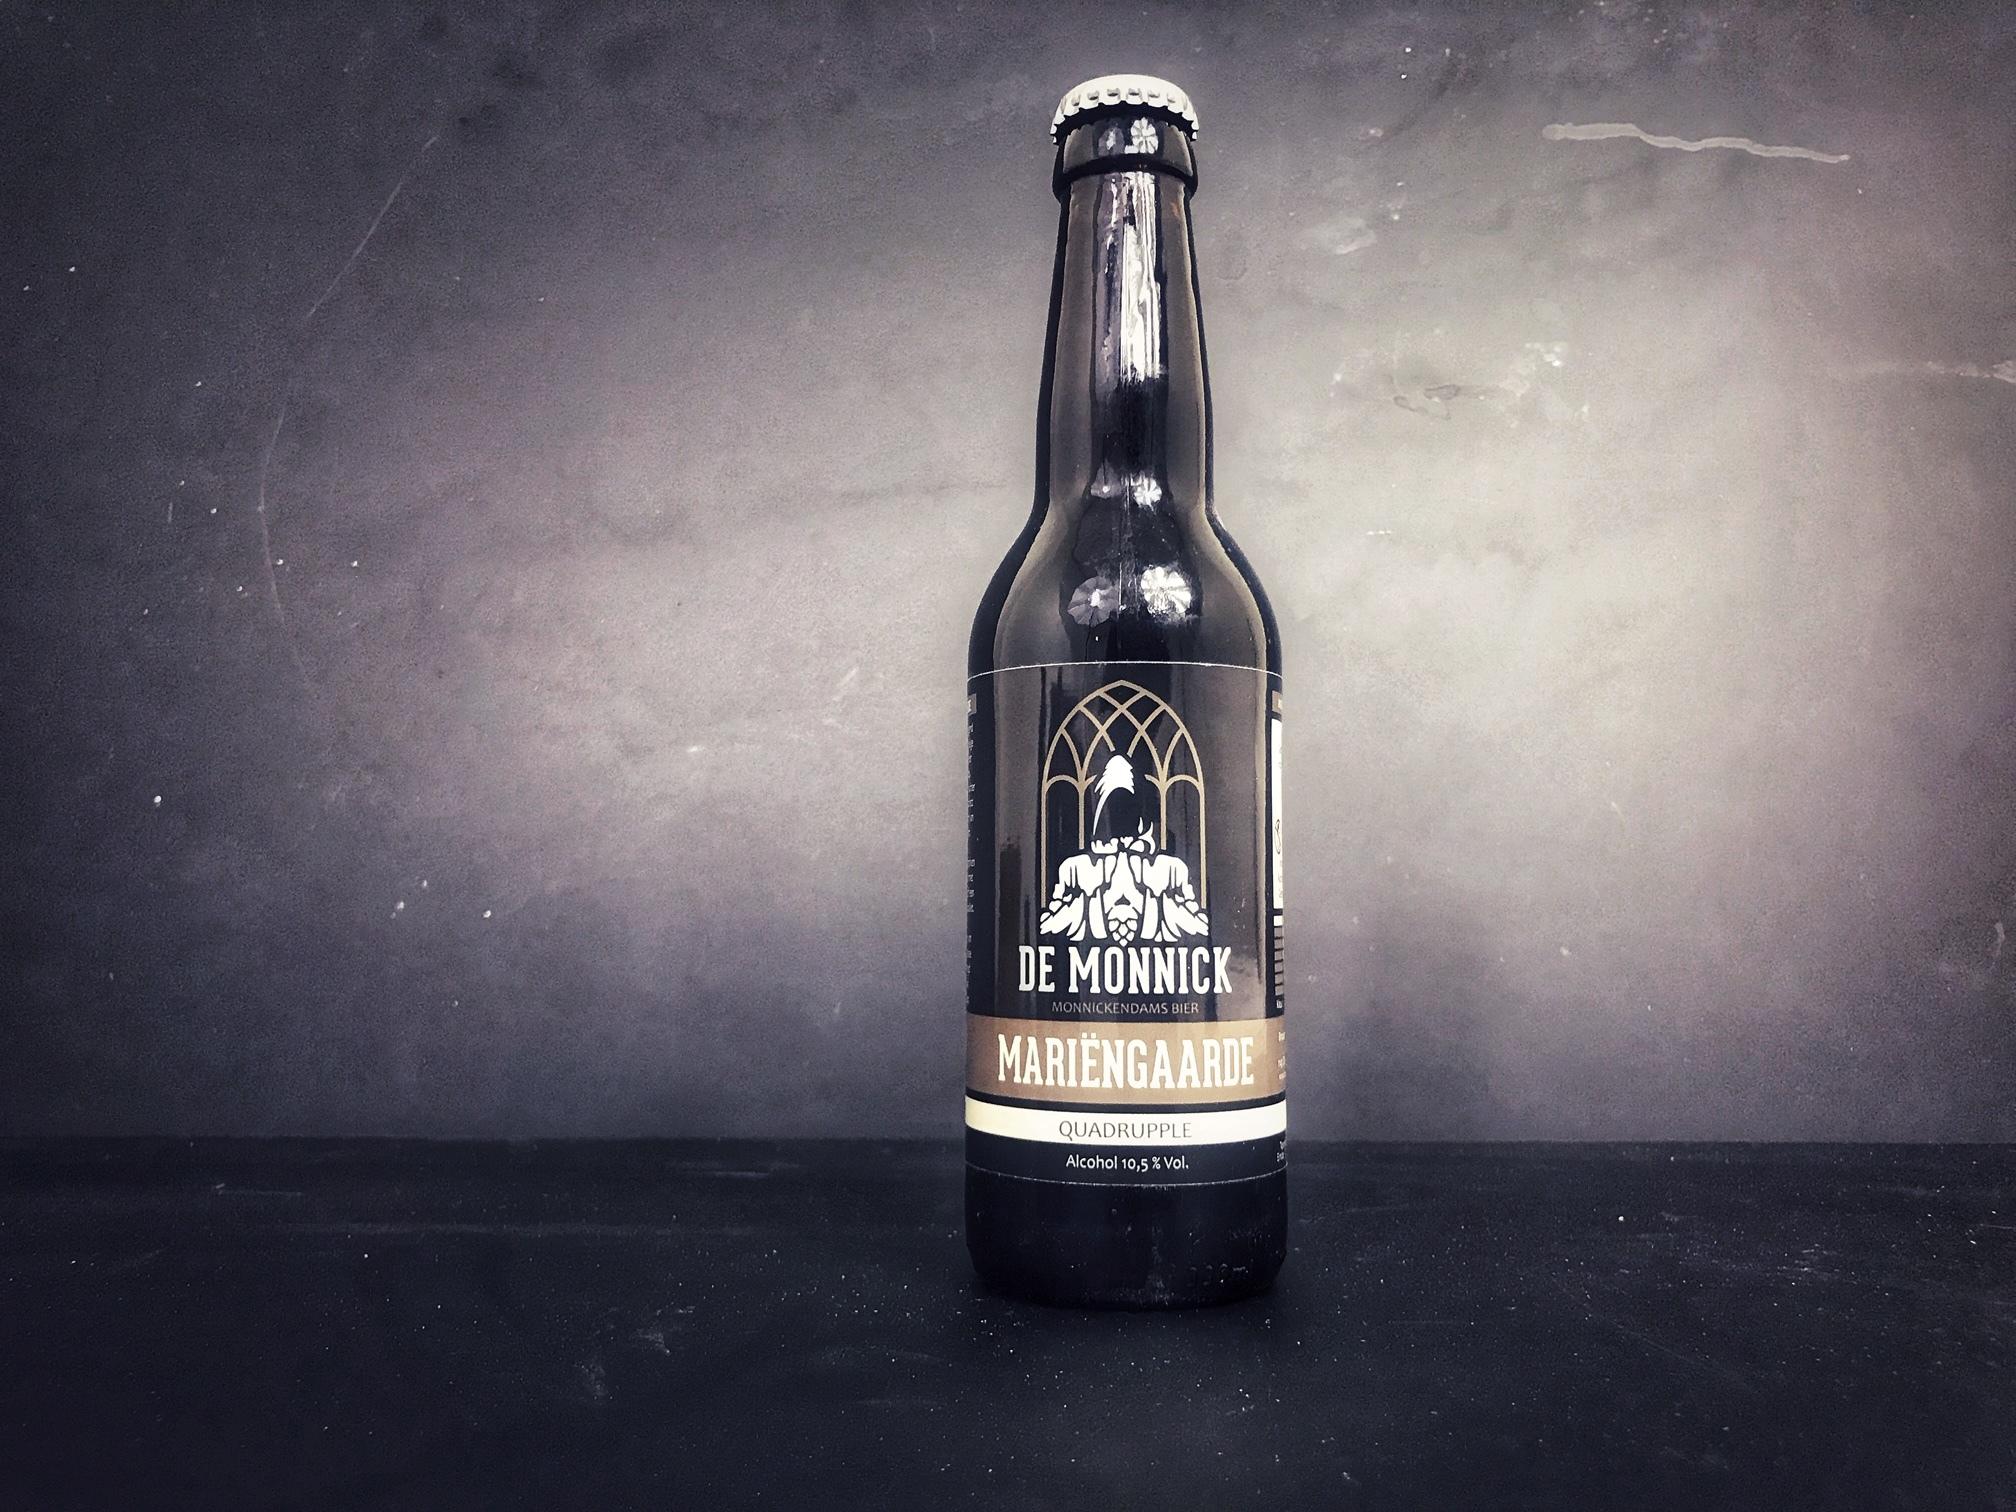 Mariengaard van Bierbrouwerij De Monnick